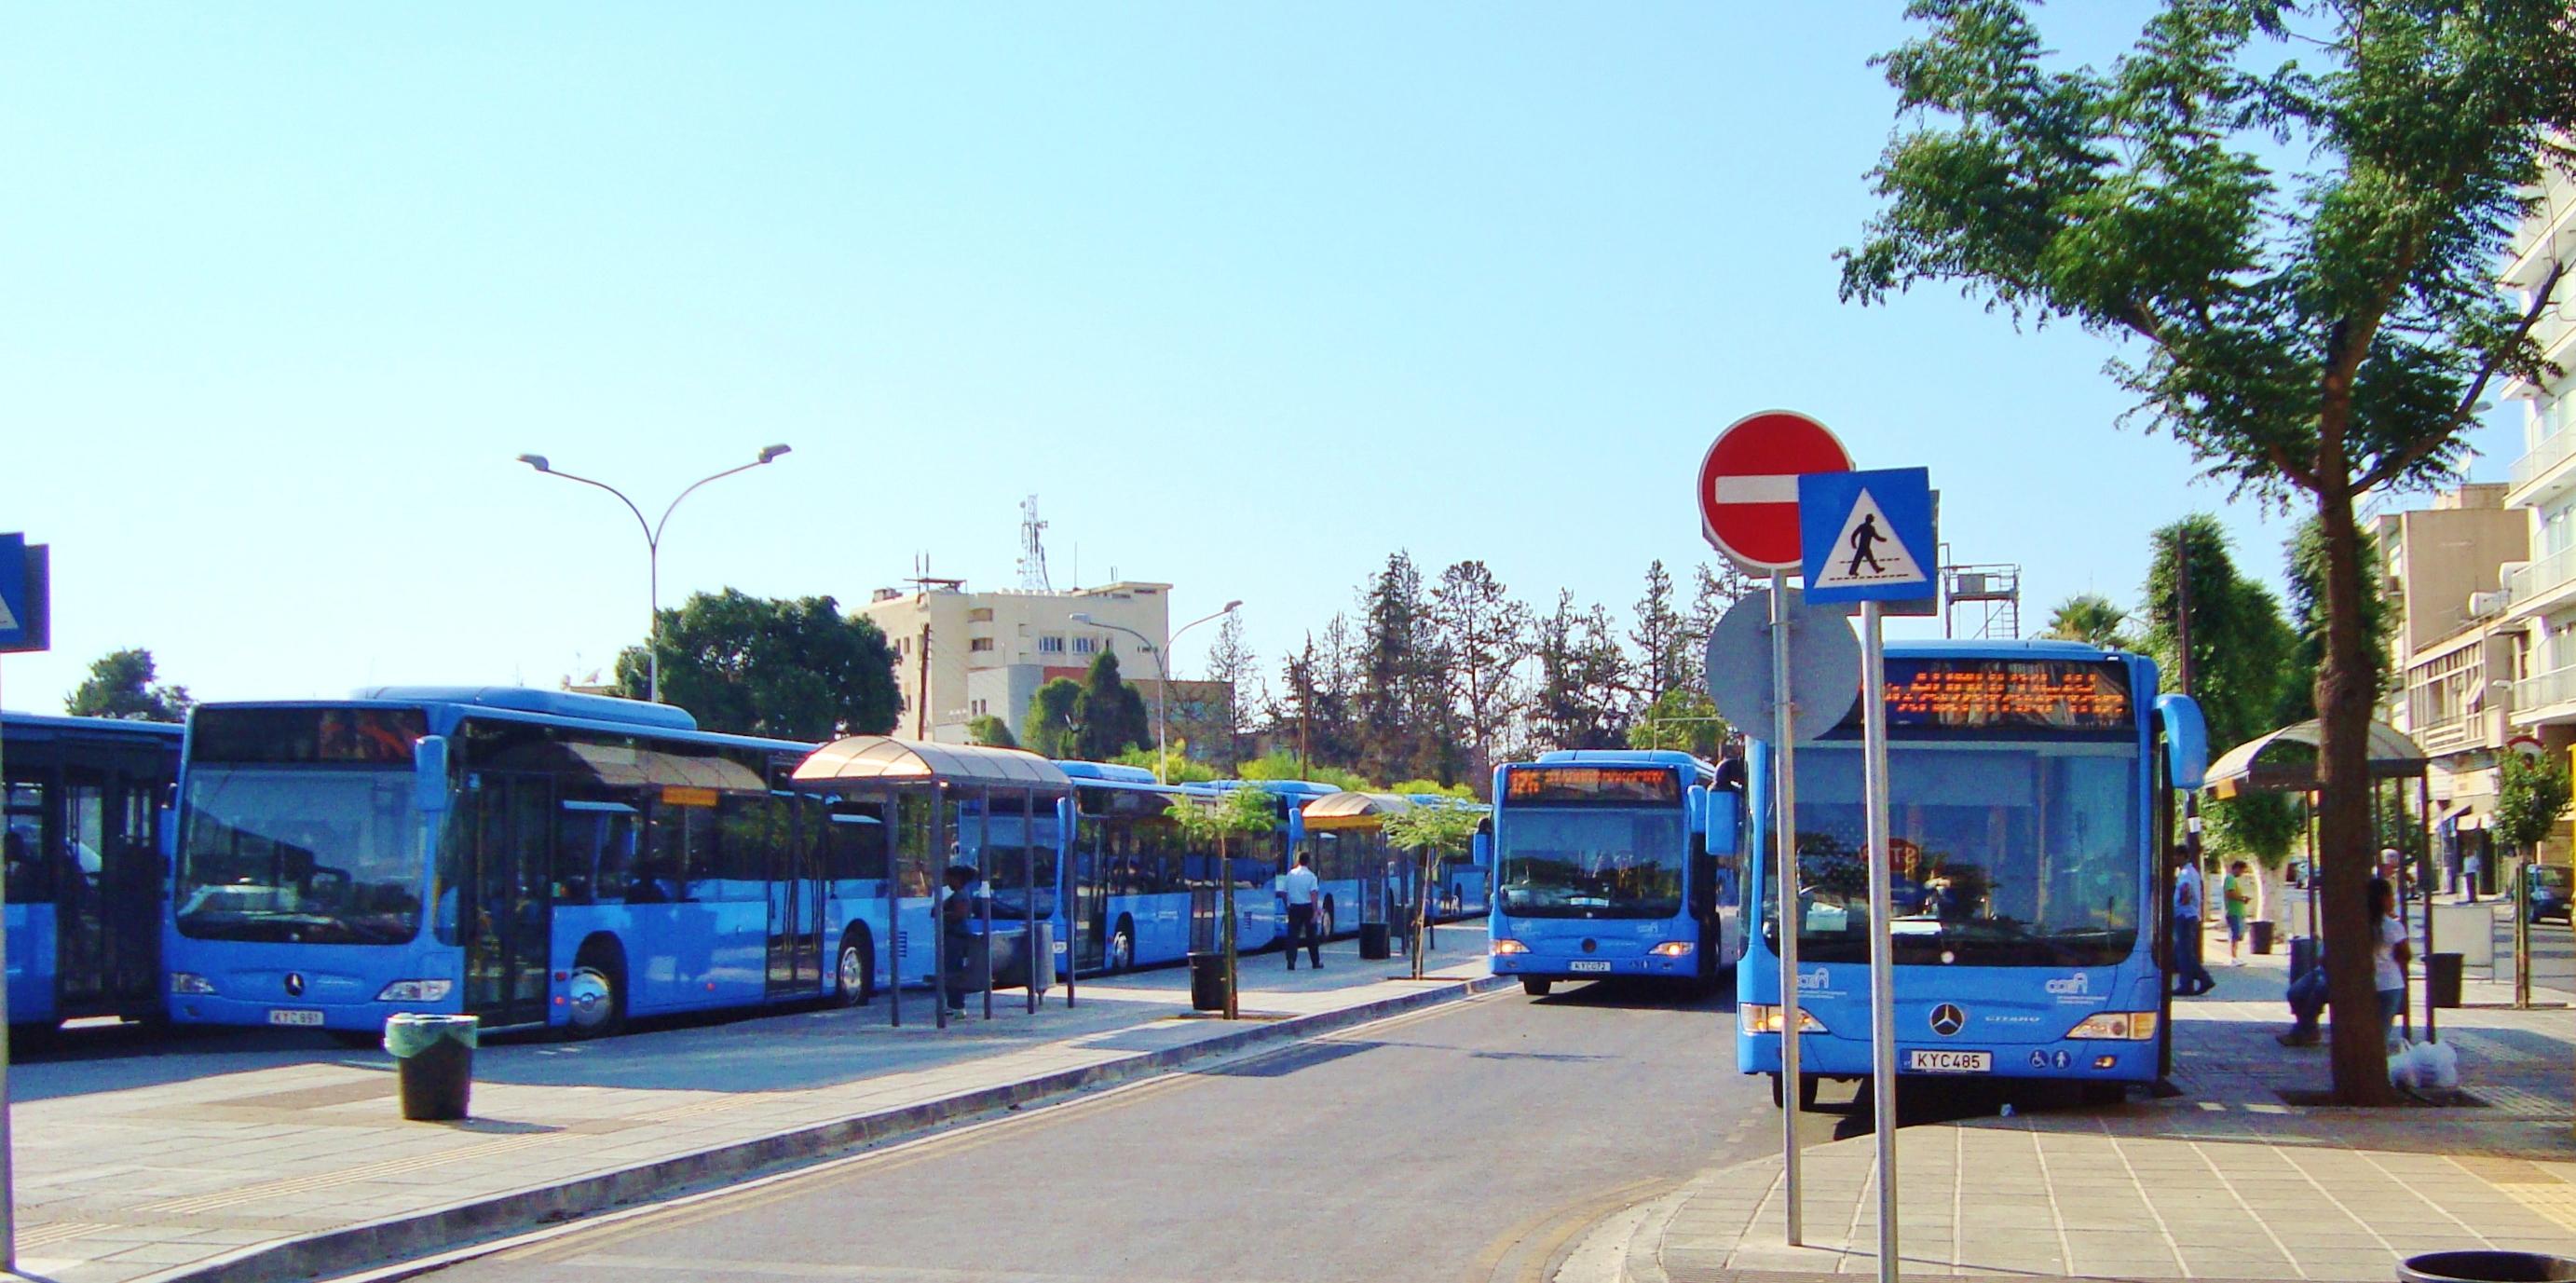 Nowy tabor, przystanki i pętle autobusowe.